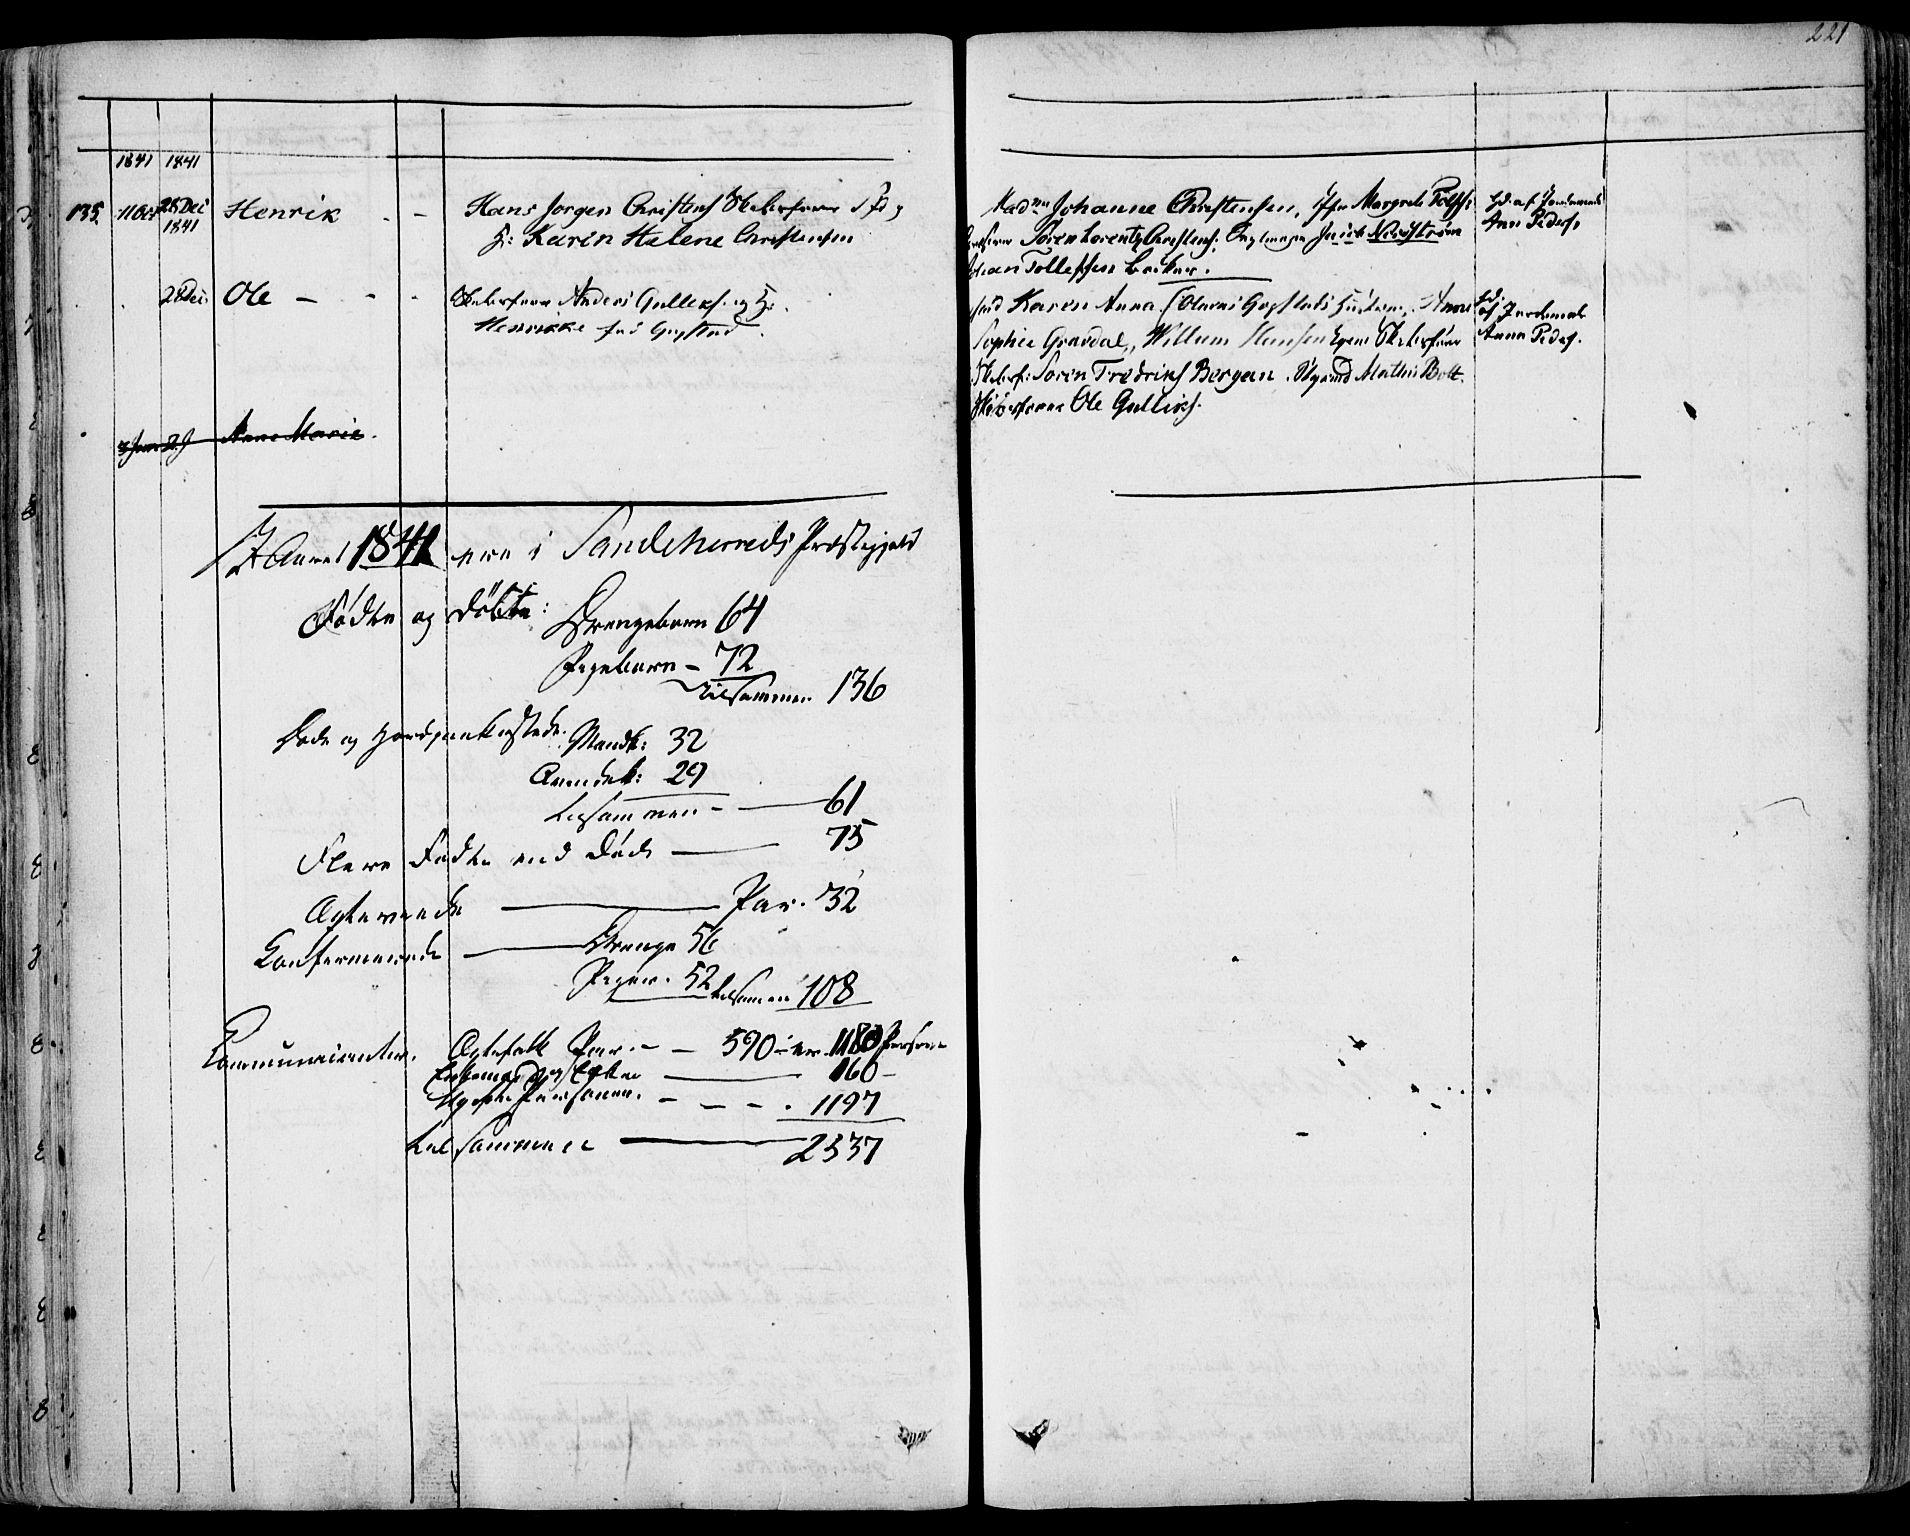 SAKO, Sandar kirkebøker, F/Fa/L0005: Ministerialbok nr. 5, 1832-1847, s. 220-221